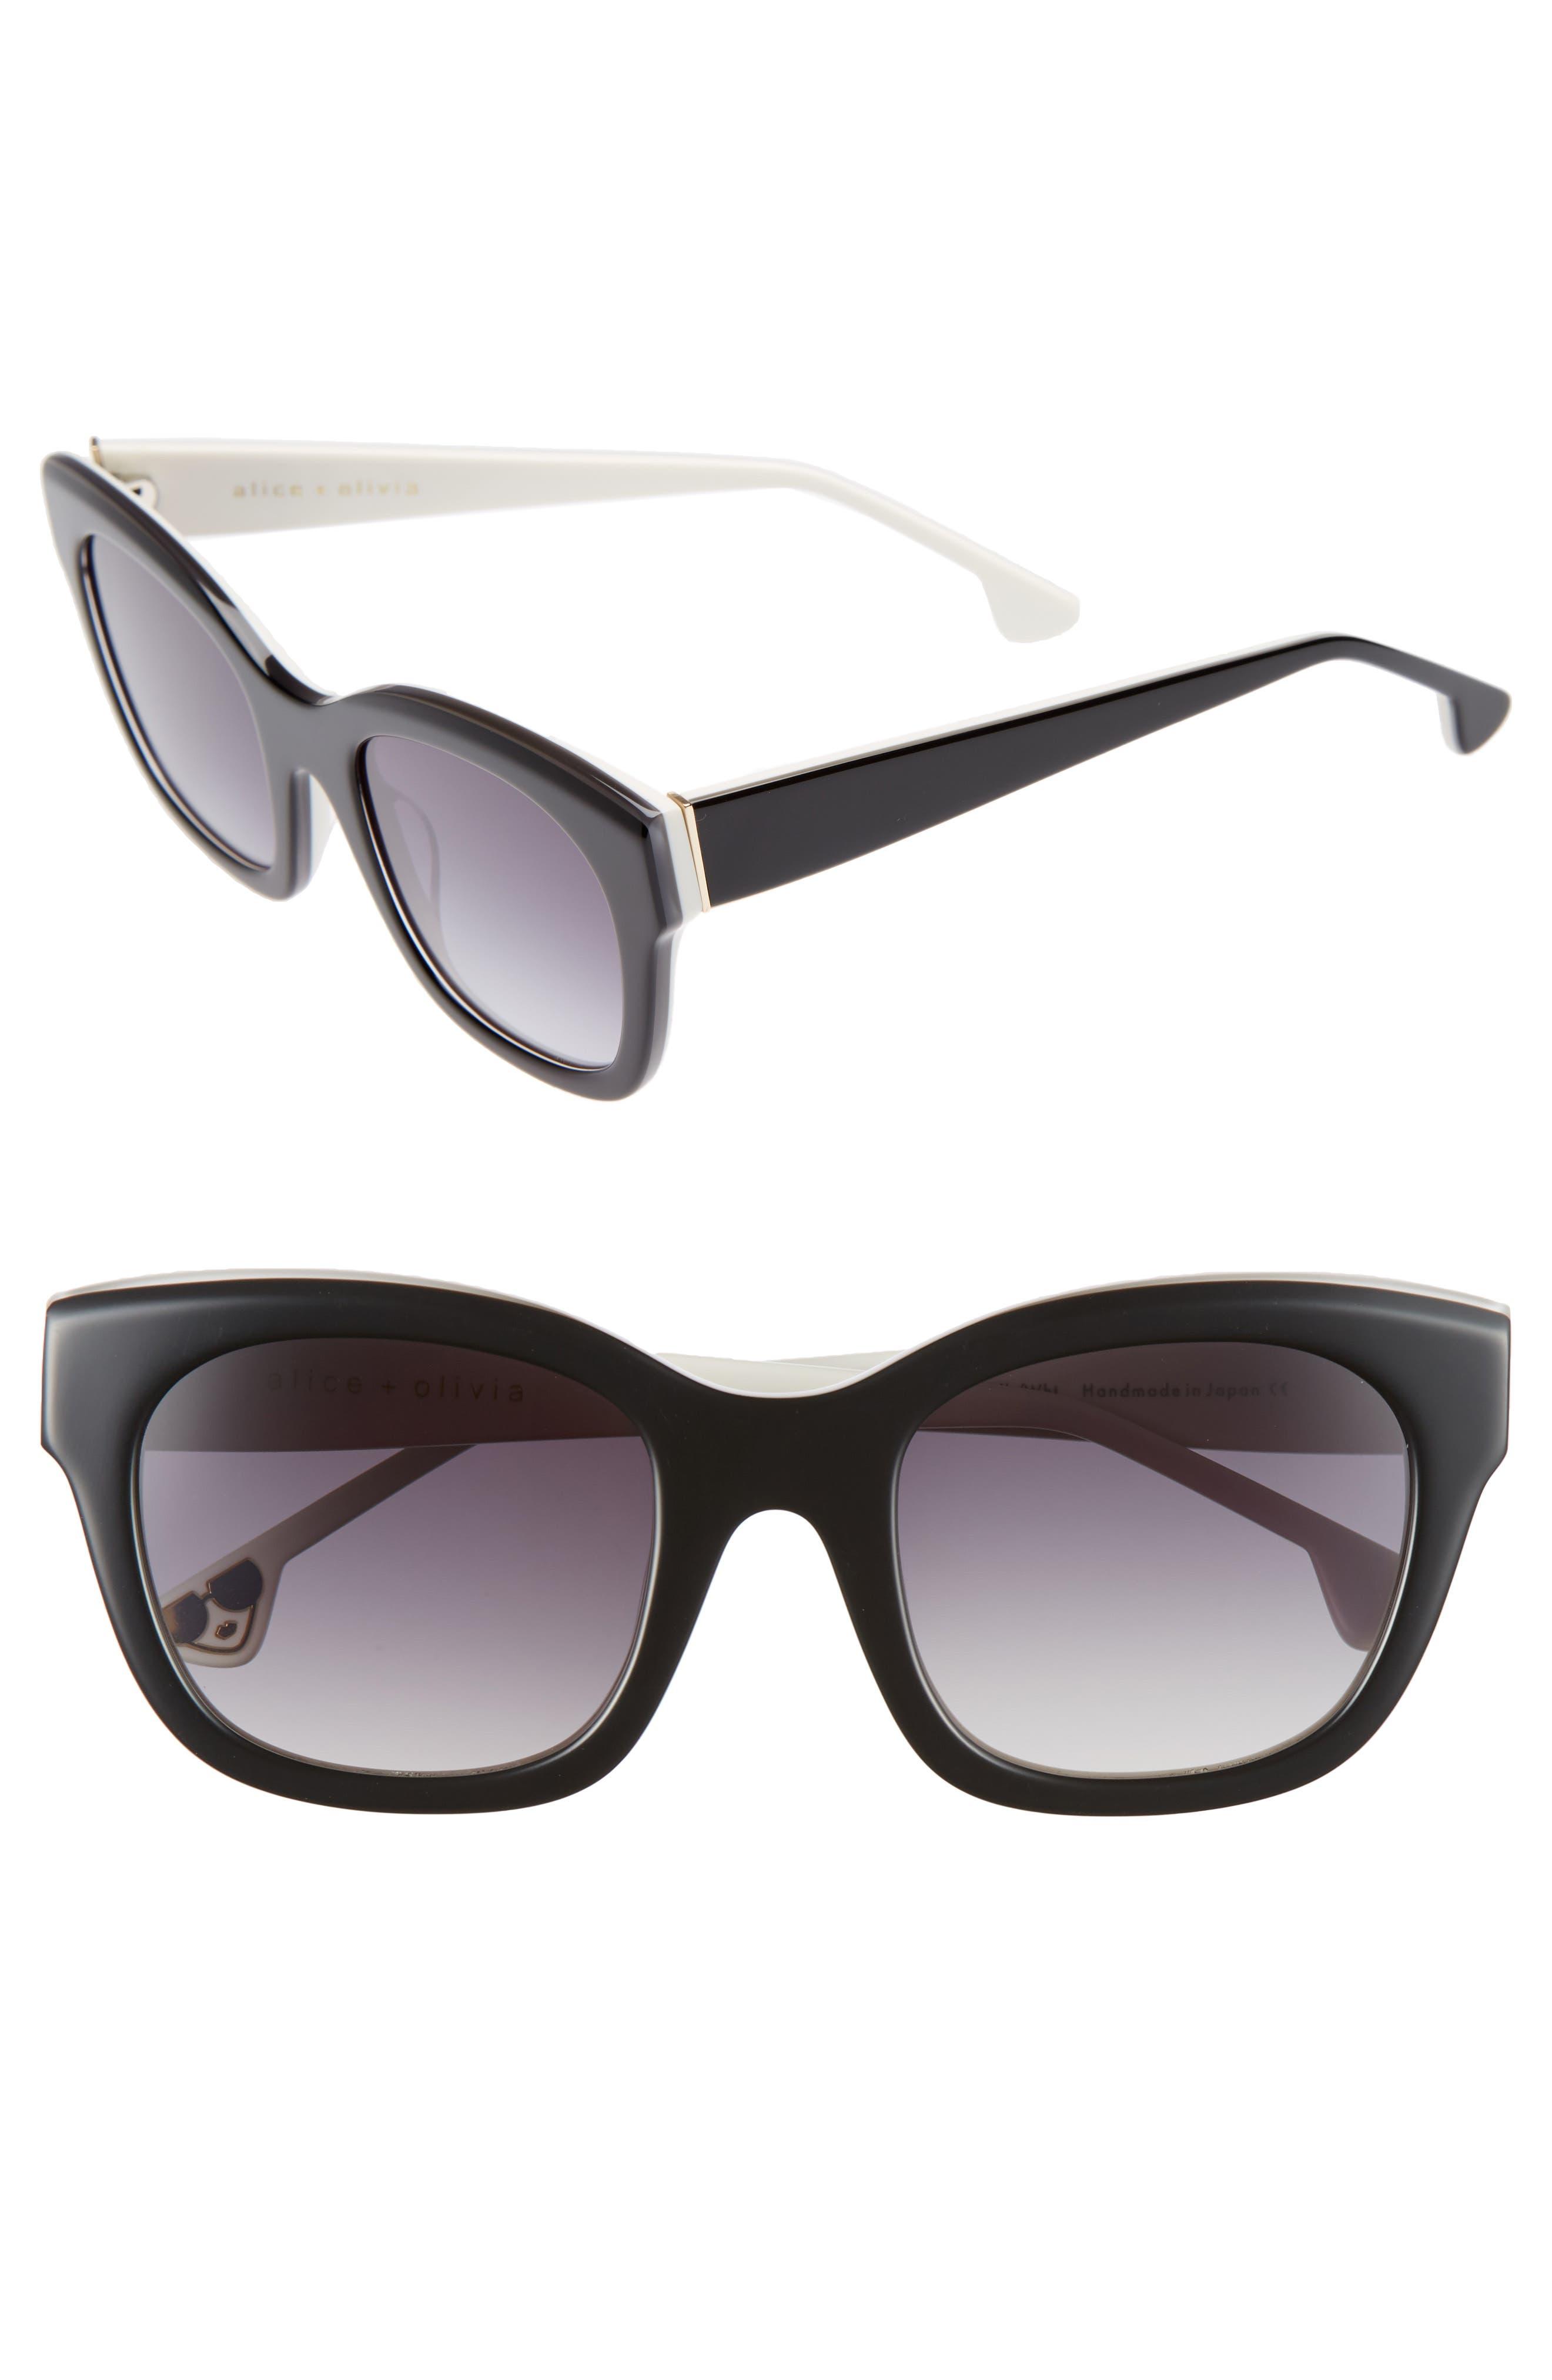 Victoria 50mm Cat Eye Sunglasses,                         Main,                         color, Black/ White